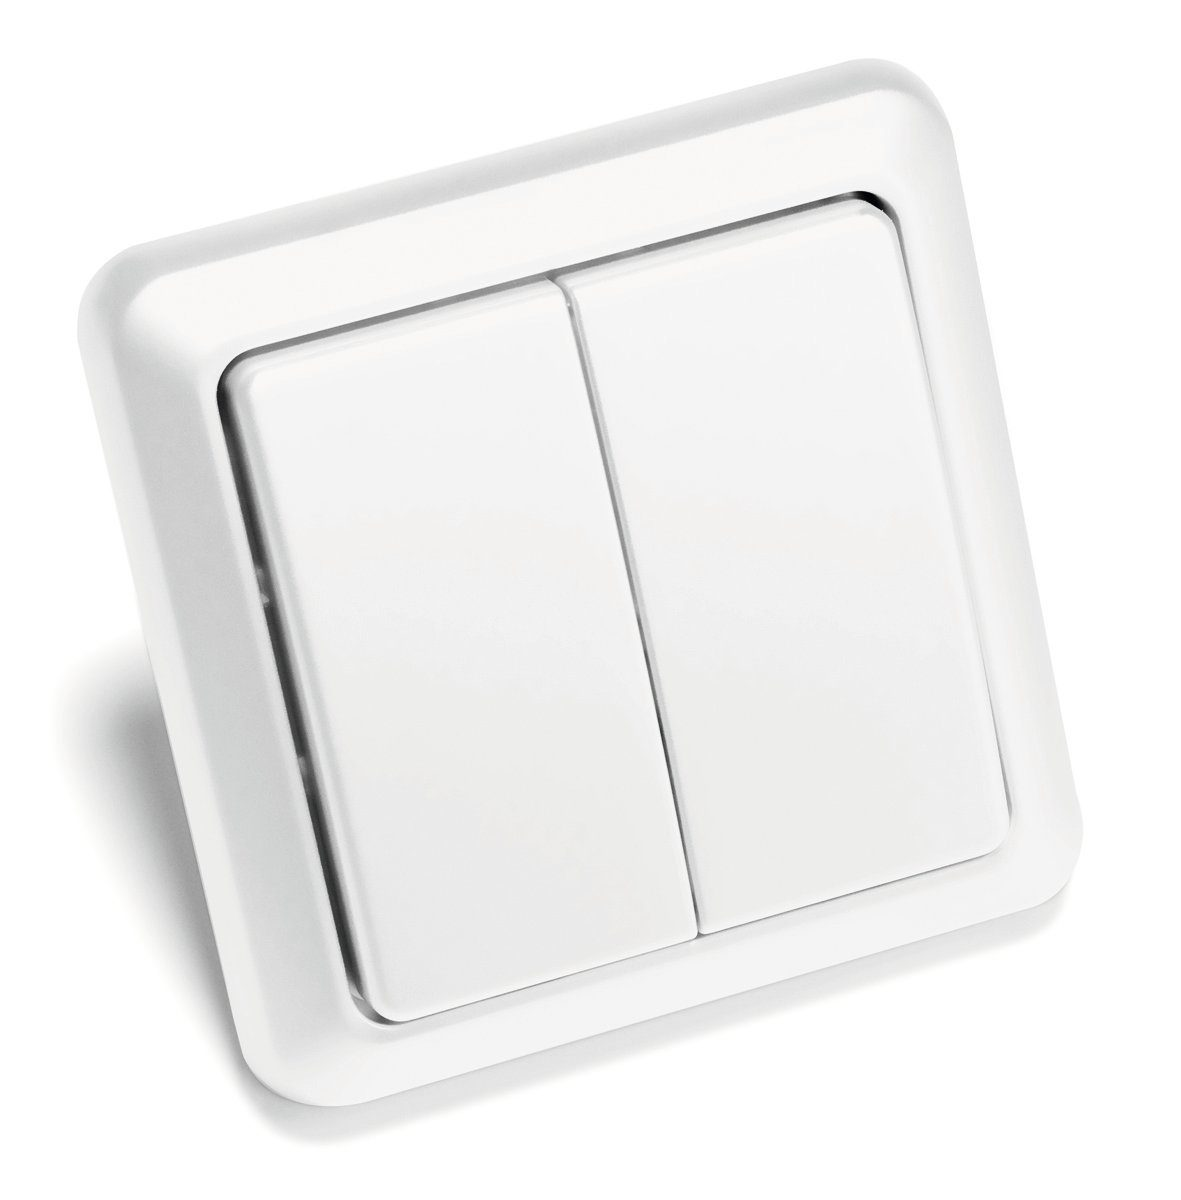 intertechno - Smart Home - Energie & Komfort »ITW-852 Funk Wandsender / Schalter«